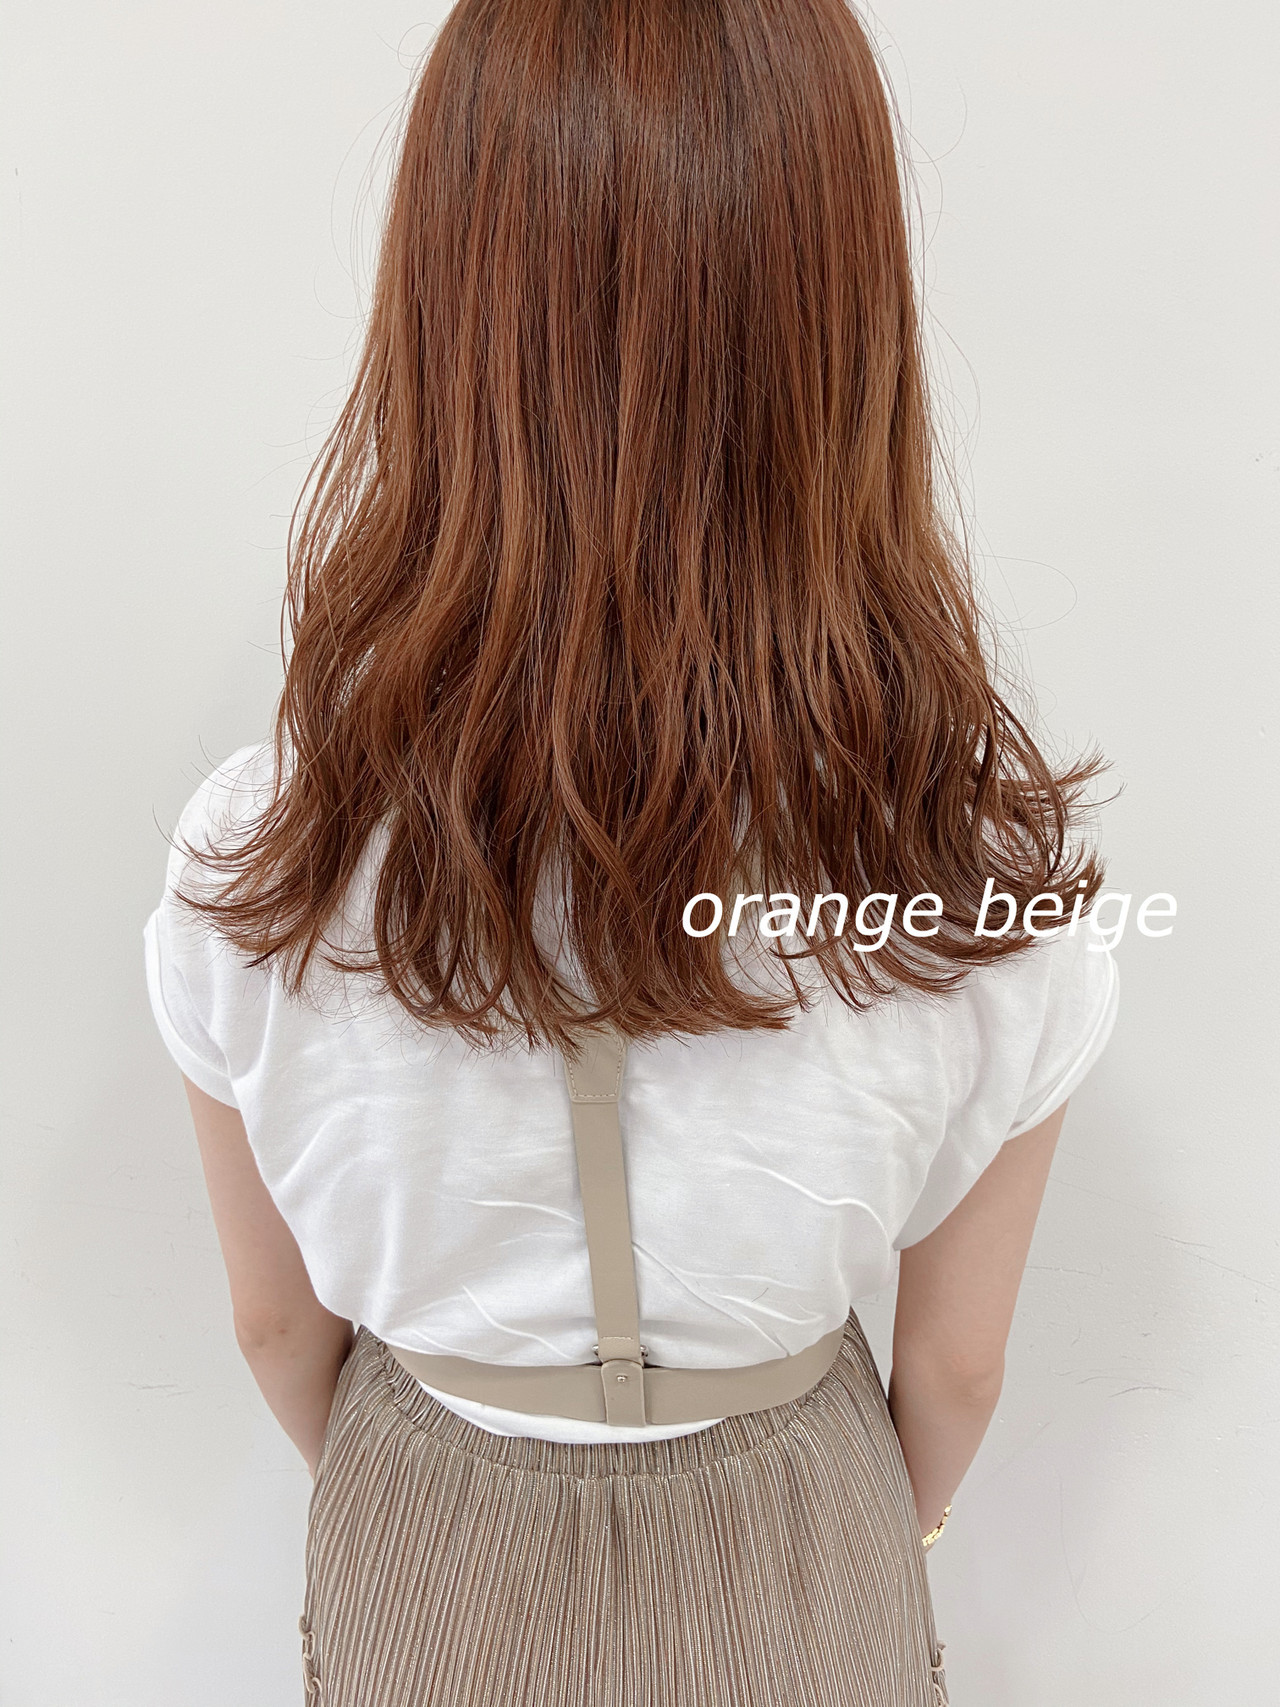 オレンジ オレンジブラウン アプリコットオレンジ ミディアム ヘアスタイルや髪型の写真・画像